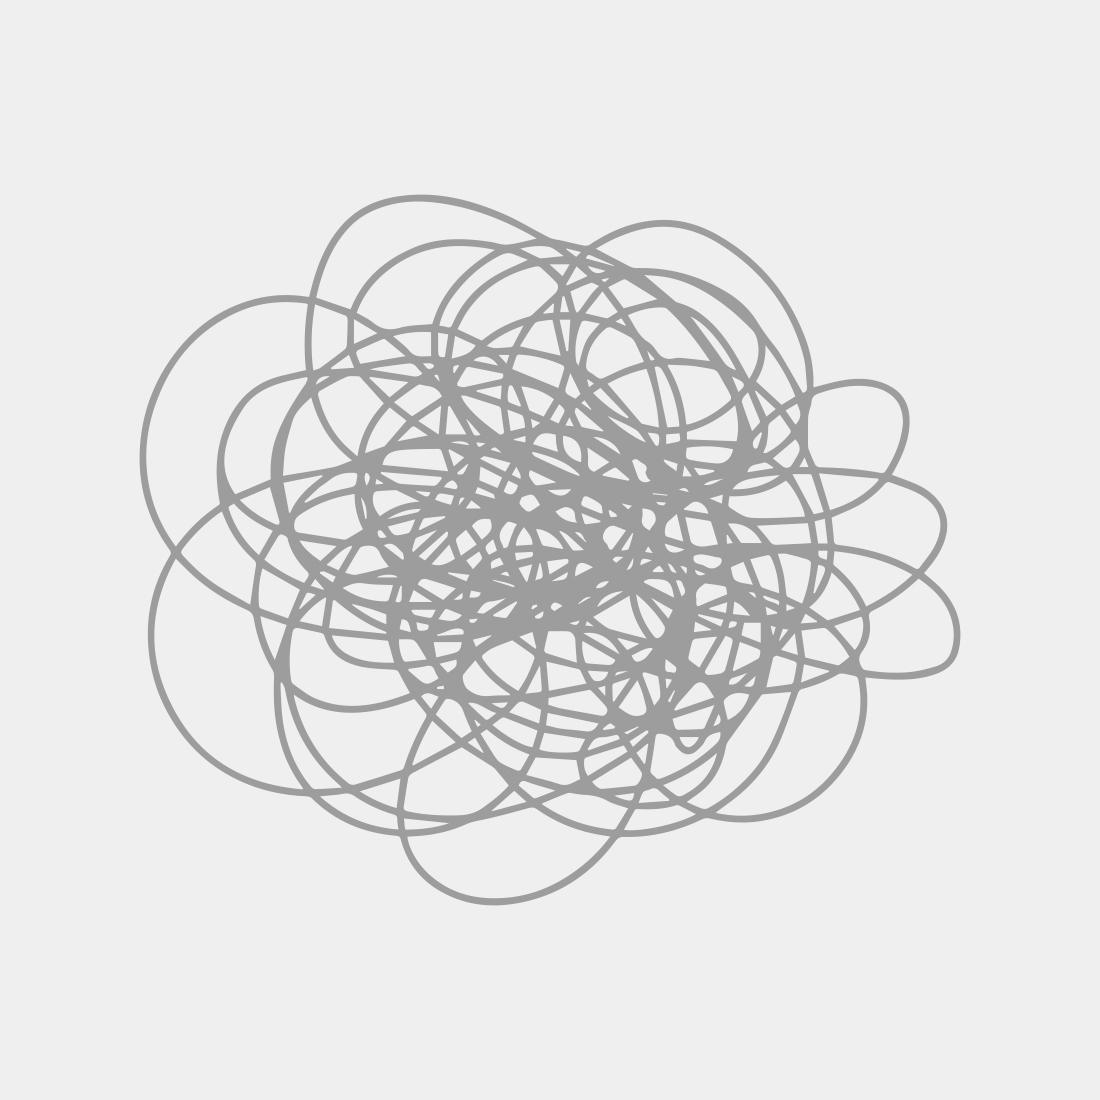 Floral Printed Wreath